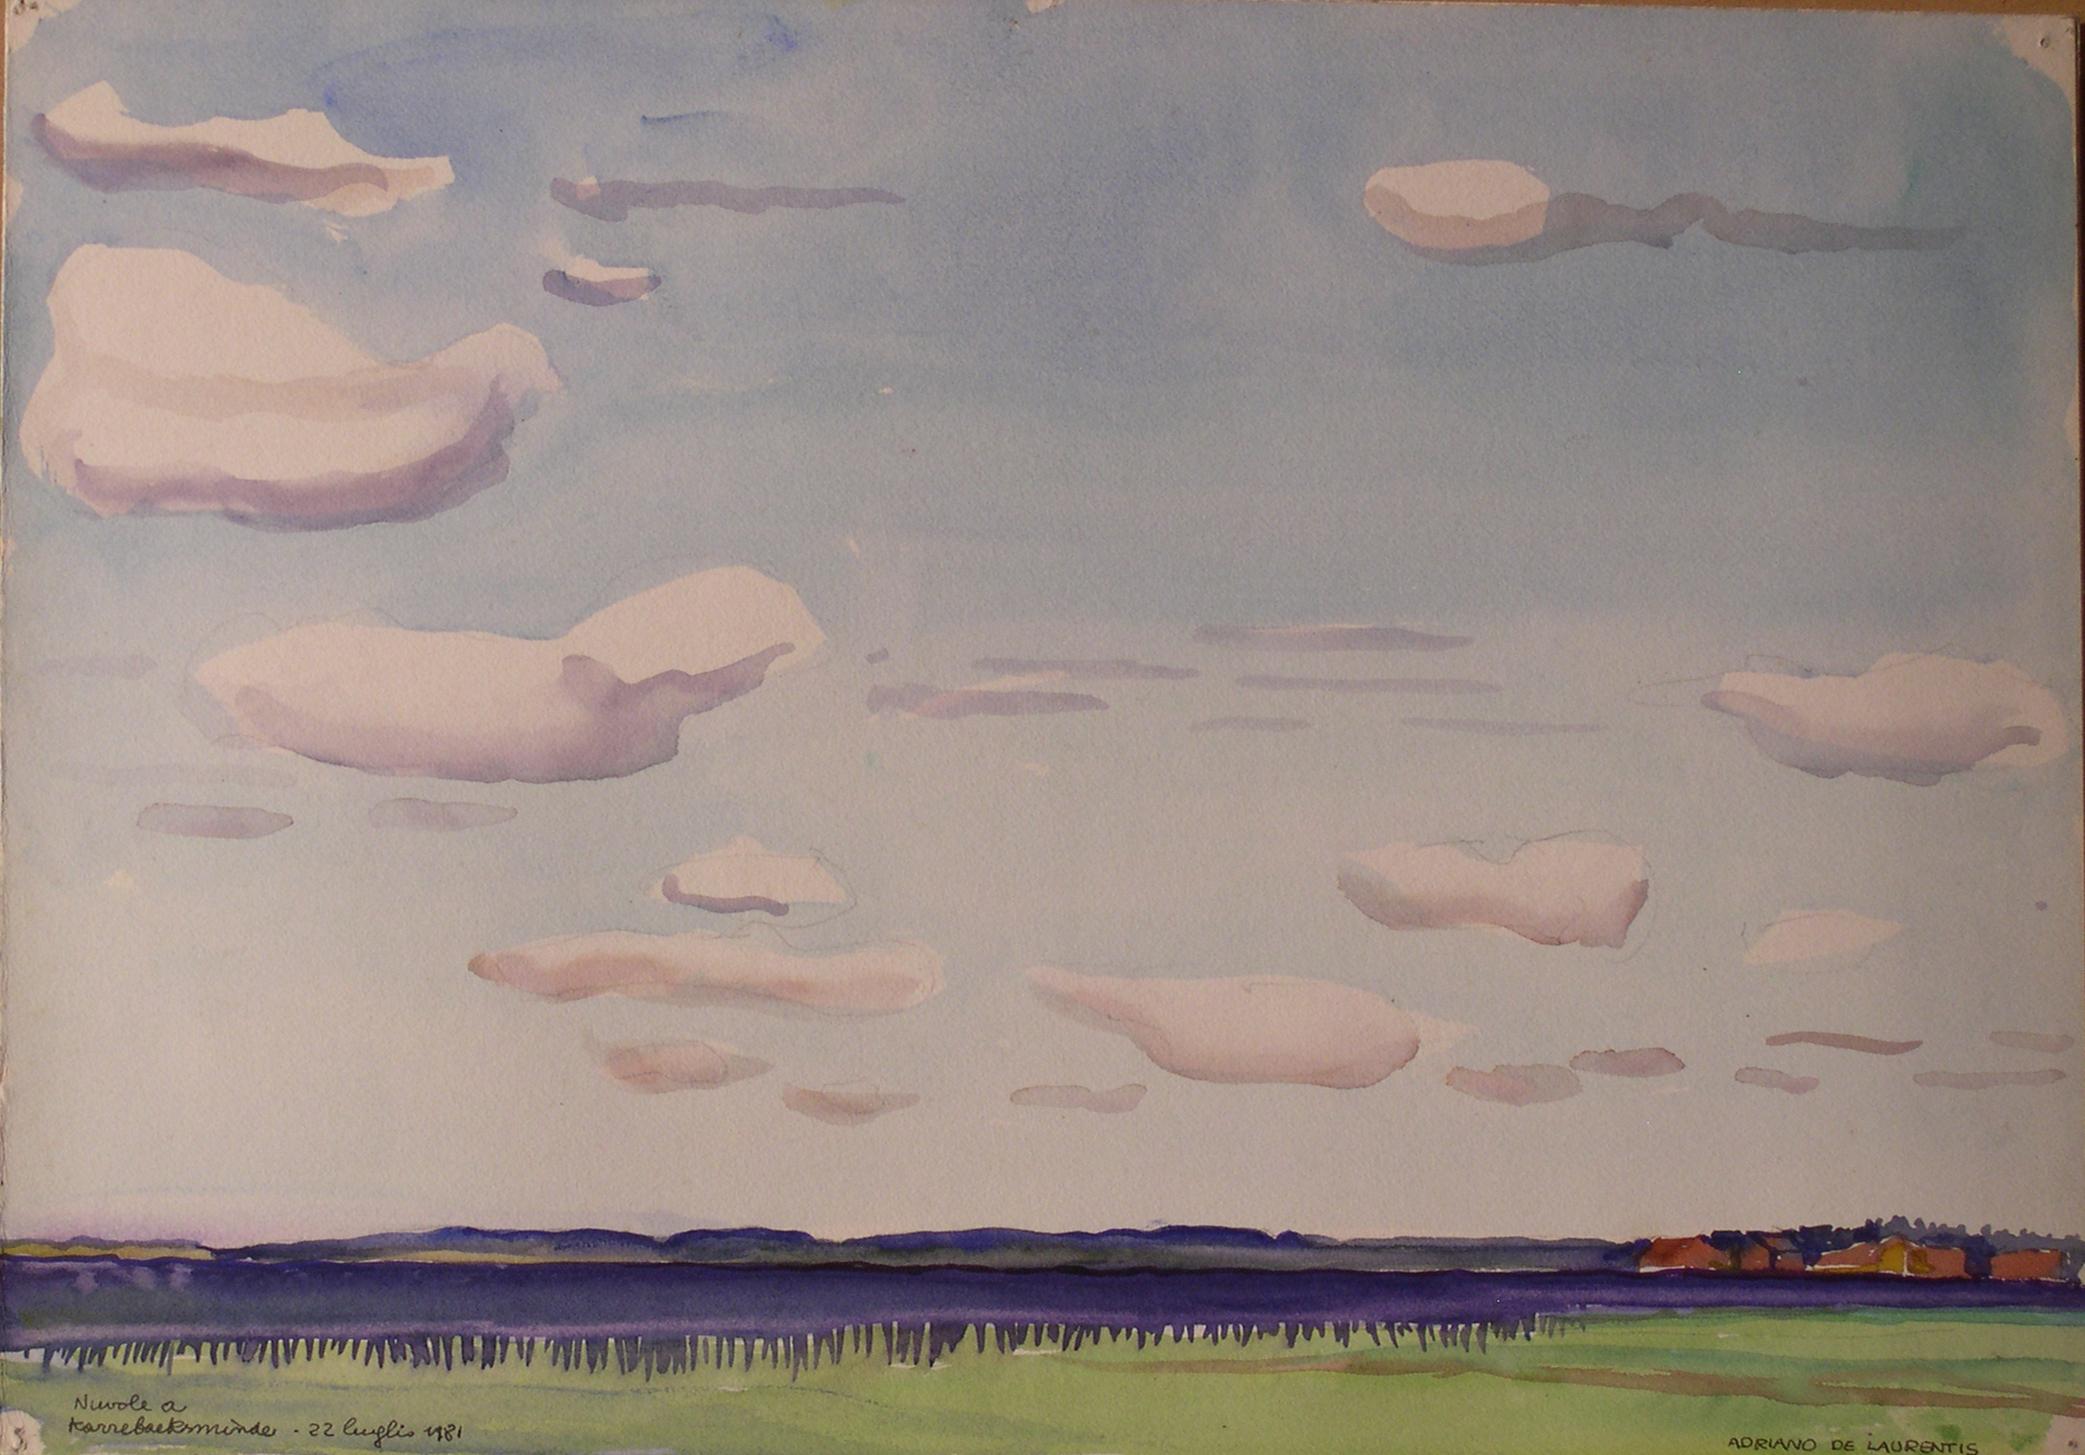 Nuvole a Karebeksminde - Acquerello su Cartoncino - 36x50 - 1981